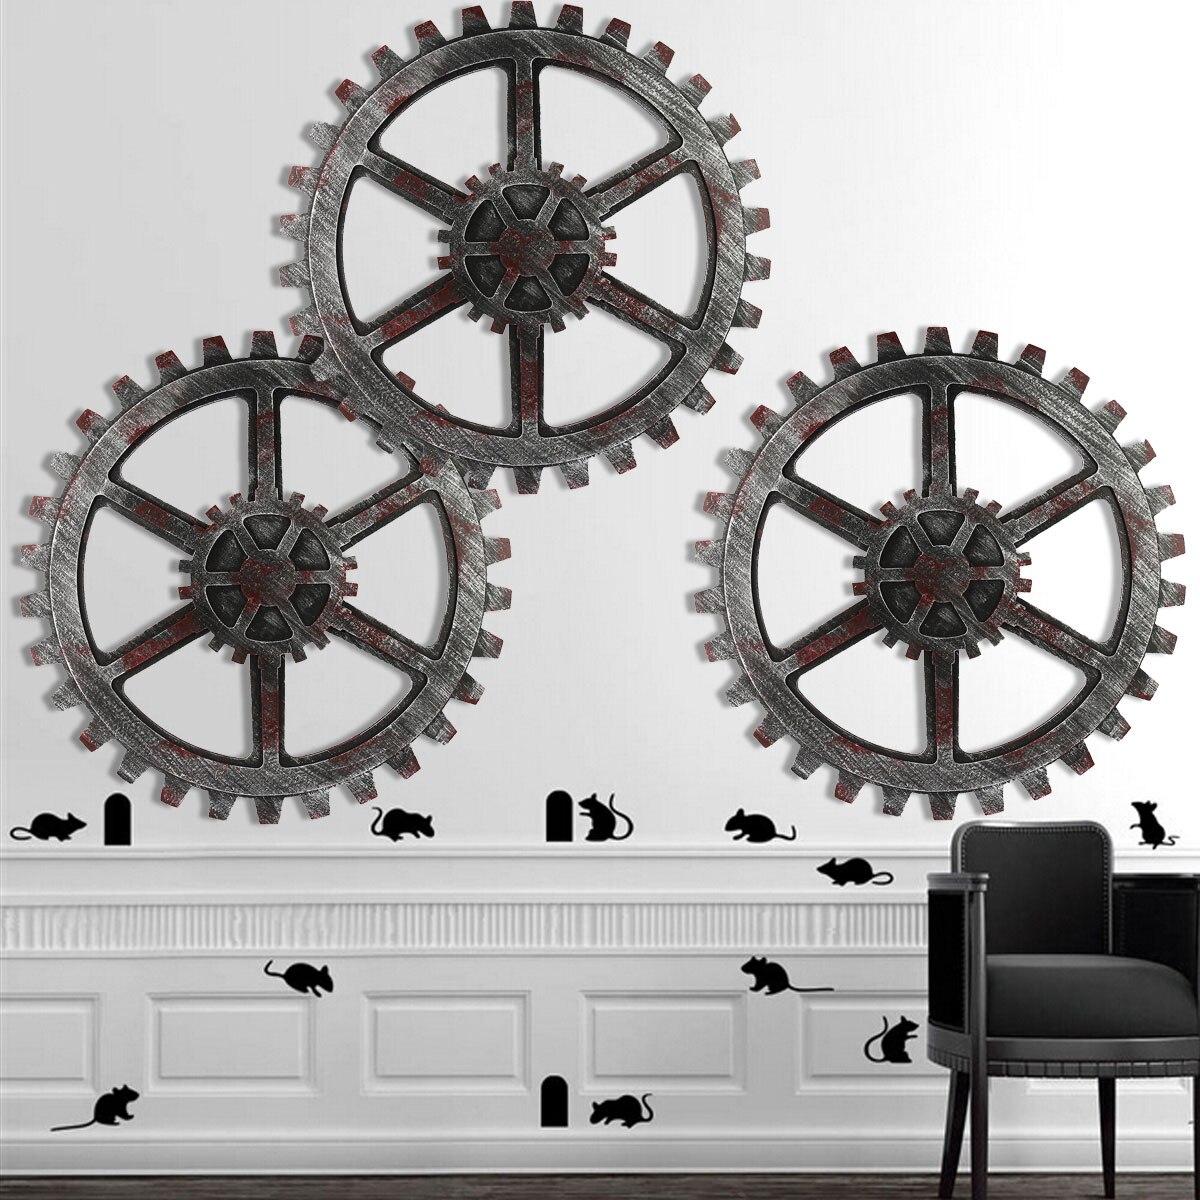 Kiwarm 1 шт. 42 см Винтаж Ретро промышленные ретро деревянные Шестерни Книги по искусству кафе-бар Настенный декор украшения дома поставки